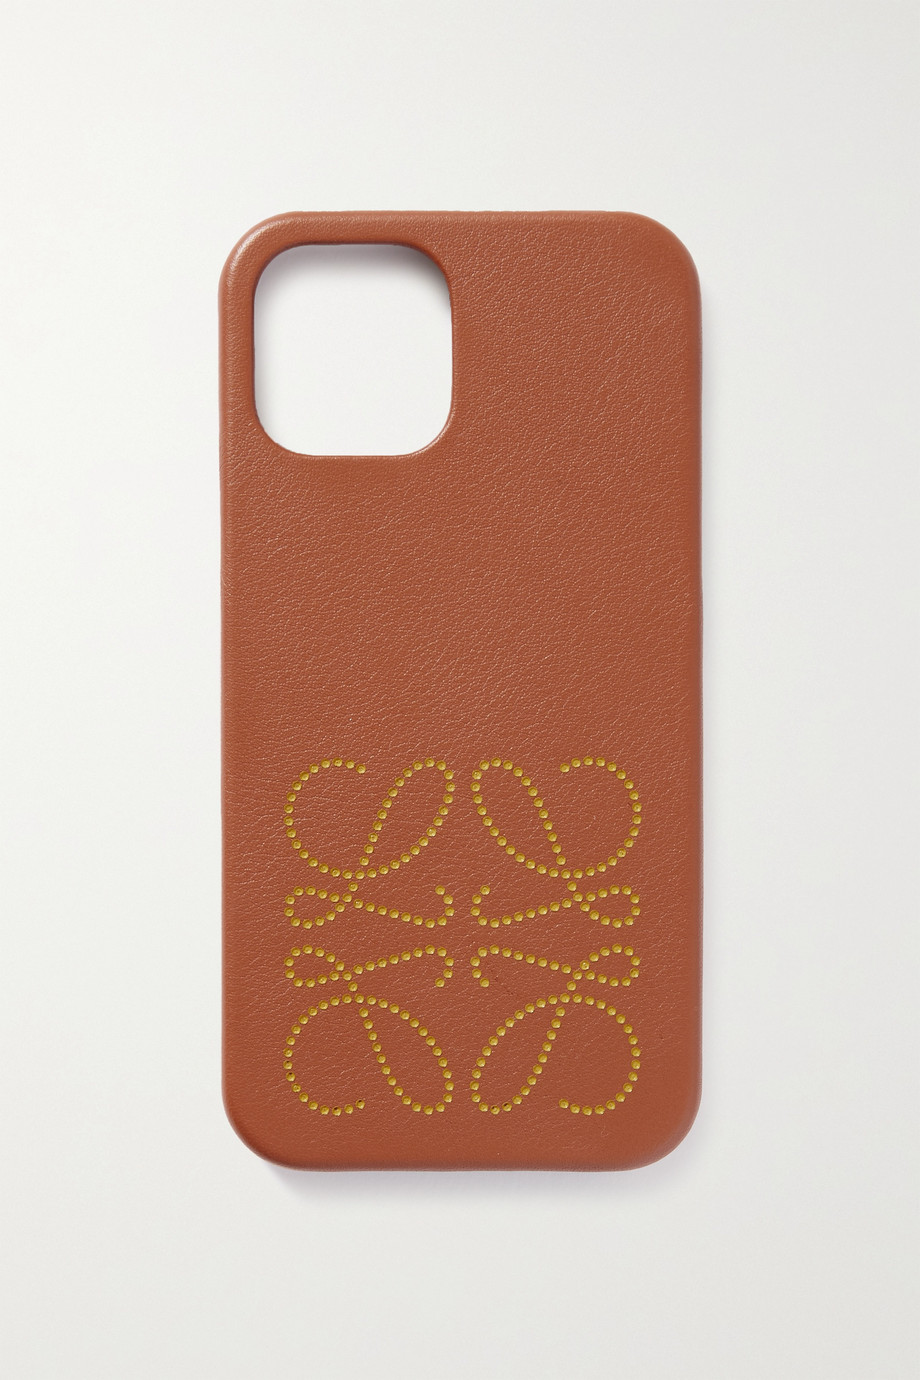 Loewe Coque pour iPhone 12 Pro en cuir imprimé